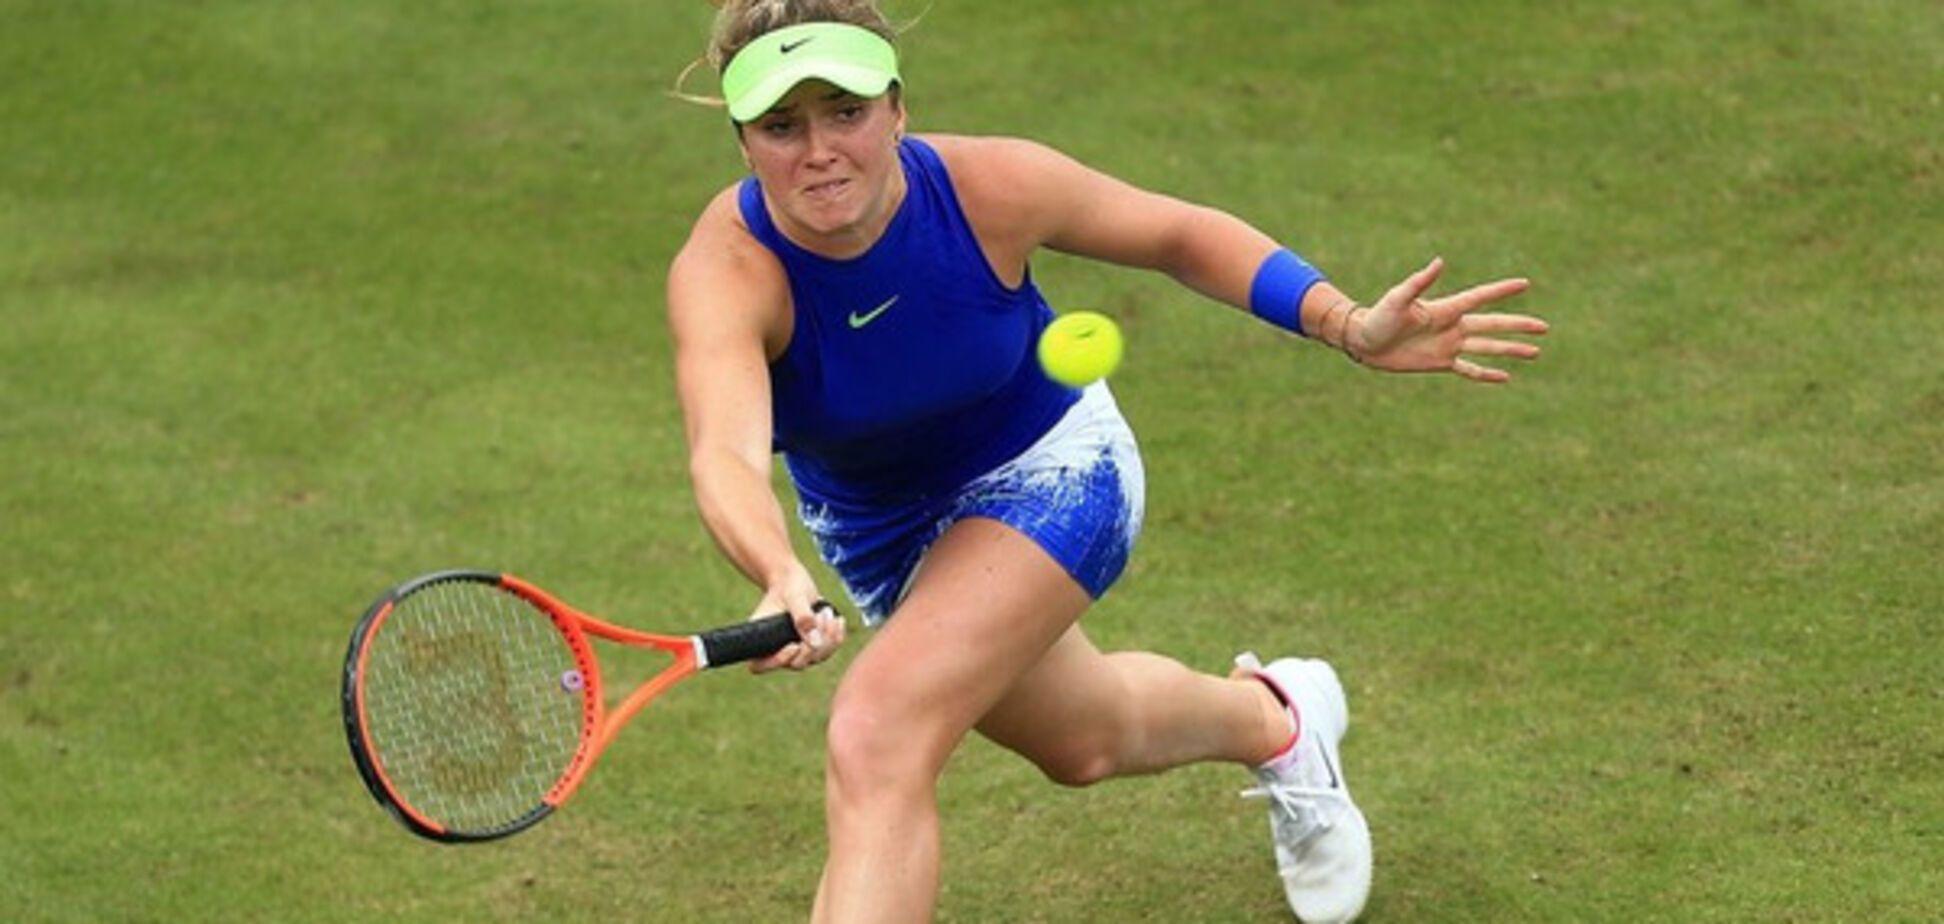 Лучшая теннисистка Украины одержала зрелищную победу на крупном турнире в Англии: опубликовано яркое видео